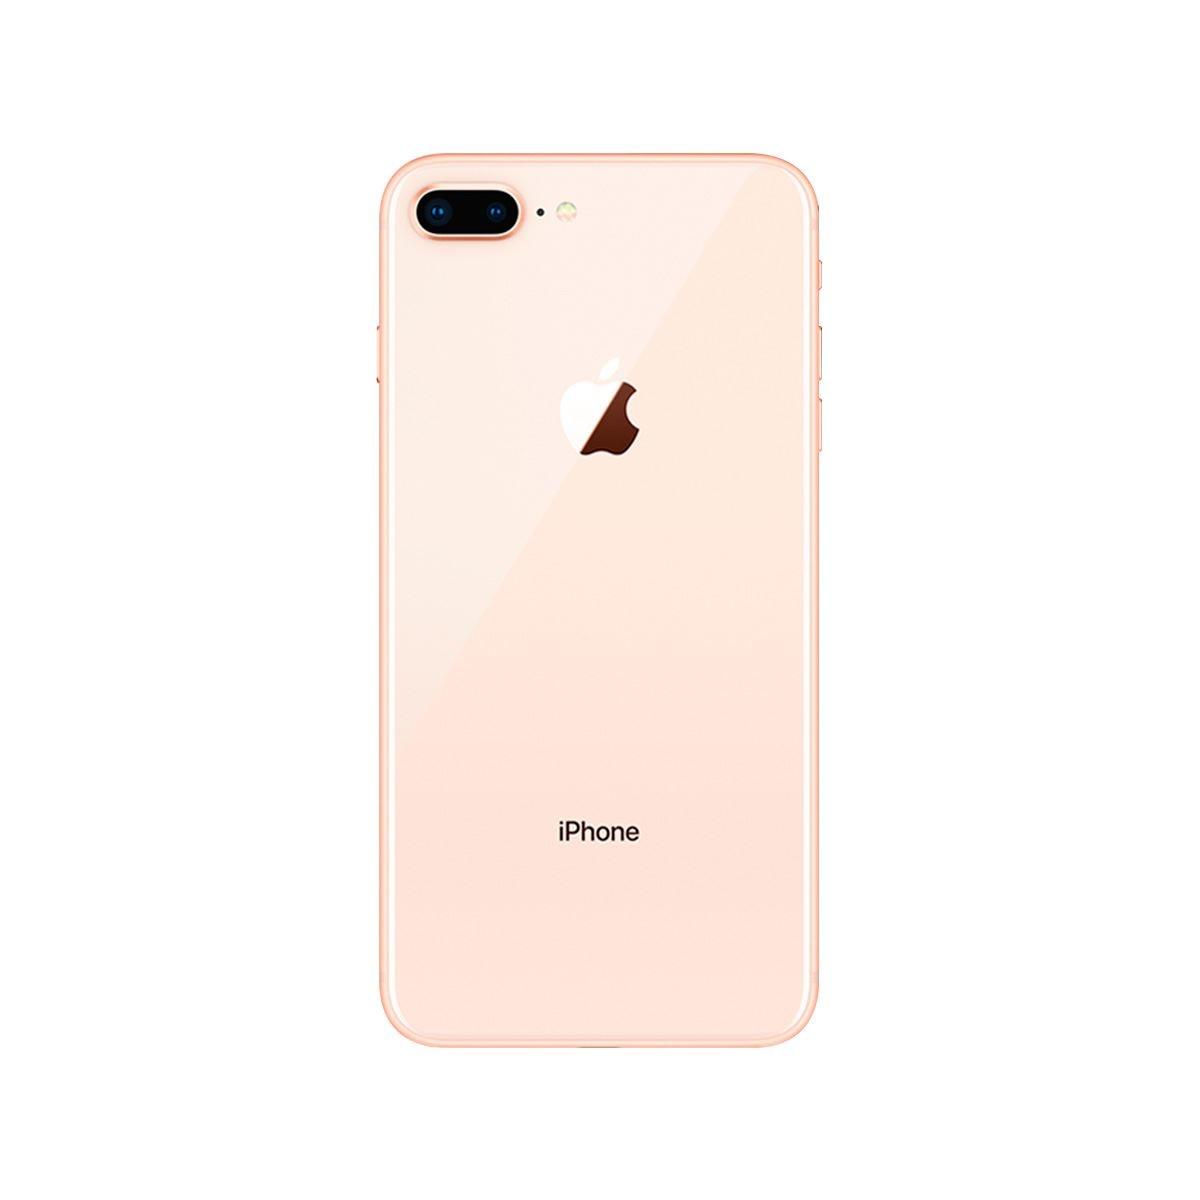 Iphone 8plus 64gb color oro r9 (telcel)  - Sanborns